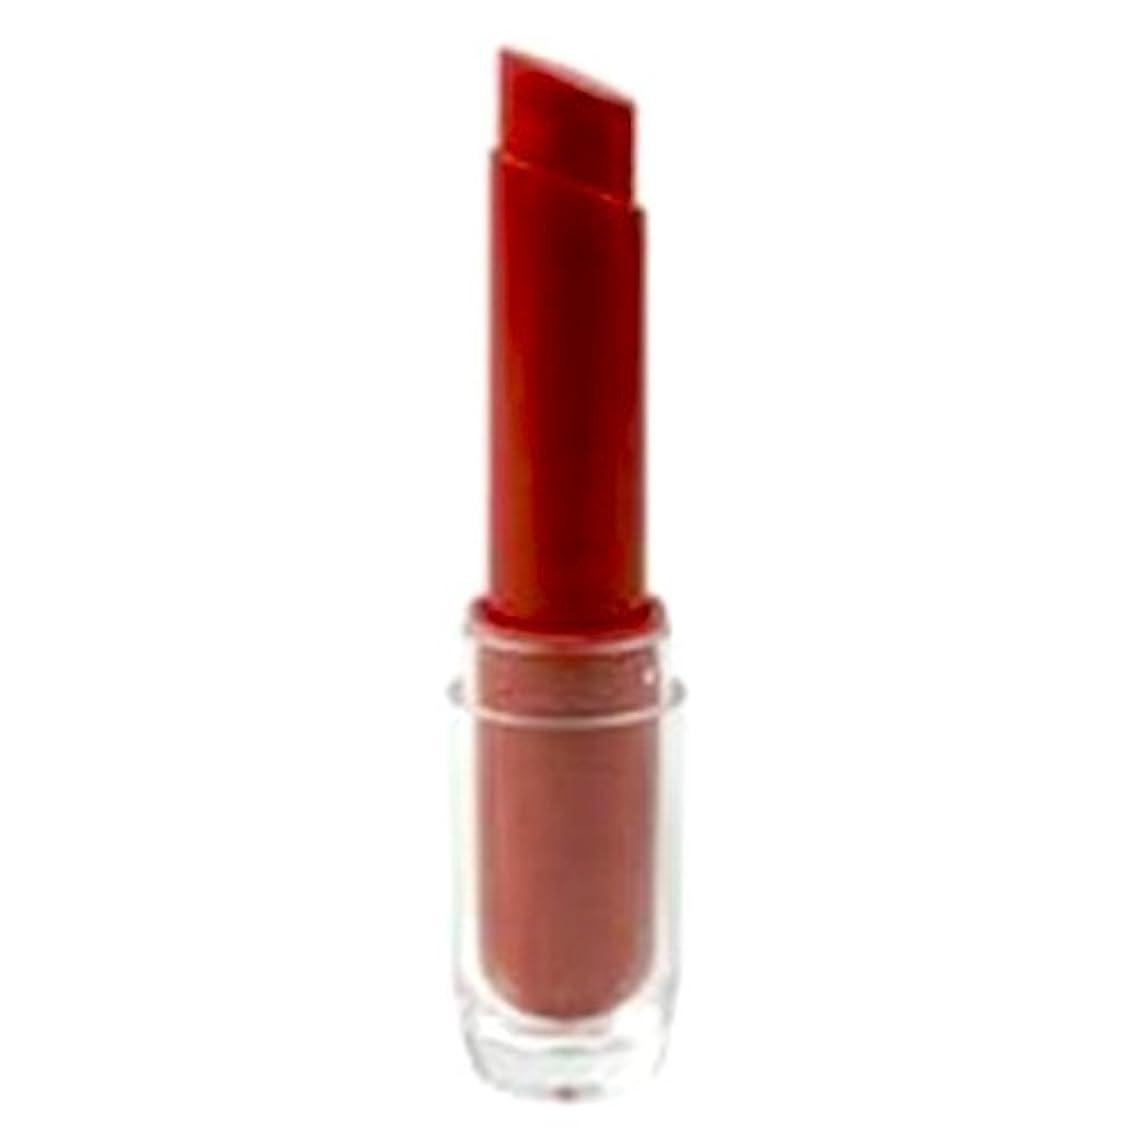 軌道株式会社プラカードKLEANCOLOR Kleanista Lipstick - Cranberry Mix (並行輸入品)